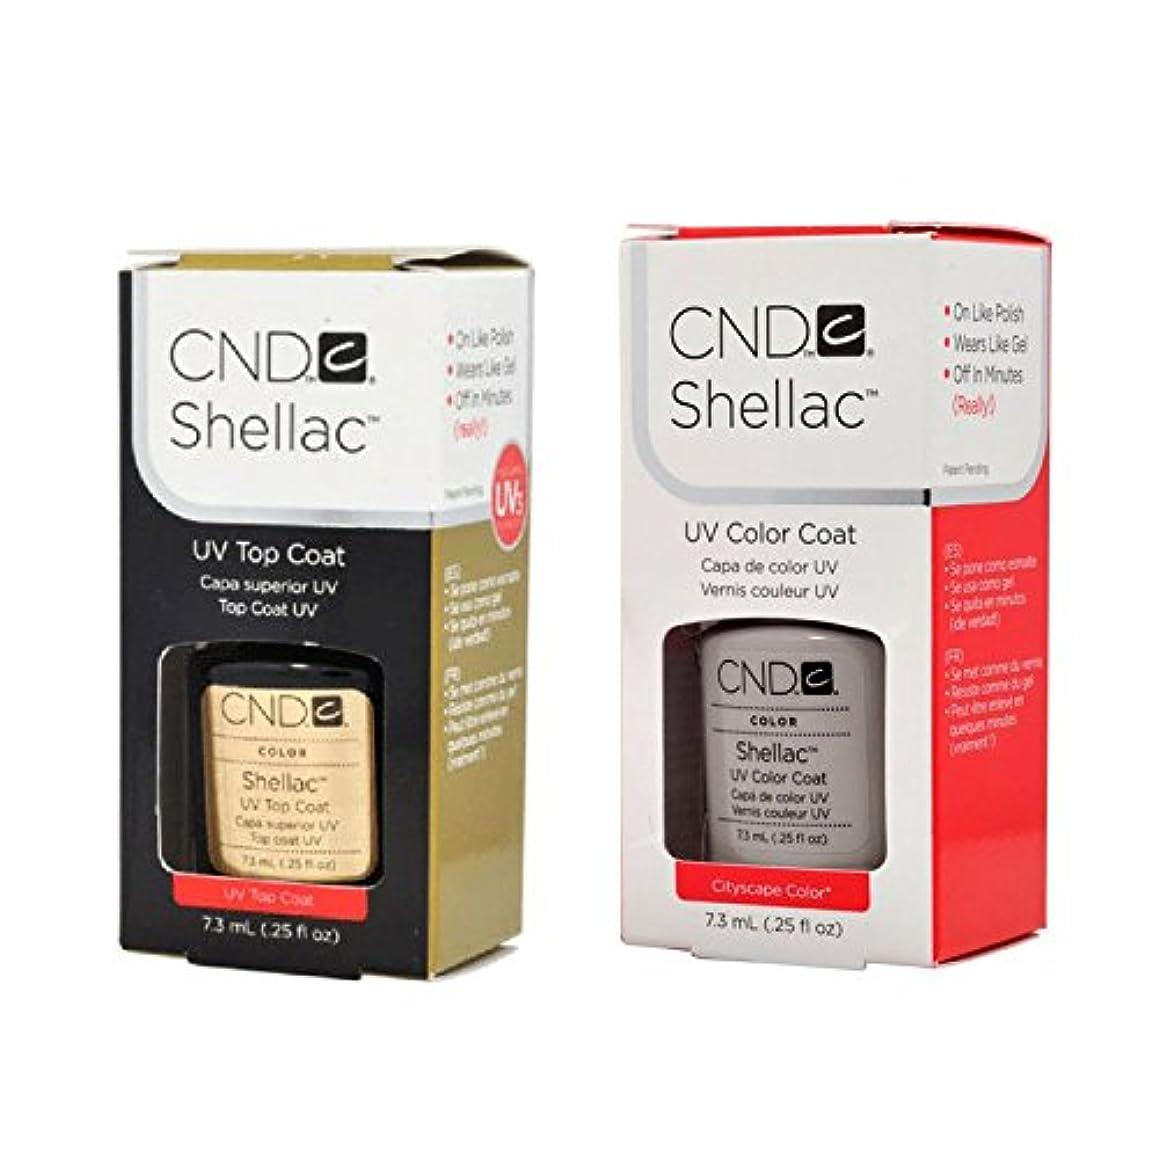 散るアクセント革命CND Shellac UVトップコート 7.3m l  &  UV カラーコー< Cityscape>7.3ml [海外直送品]